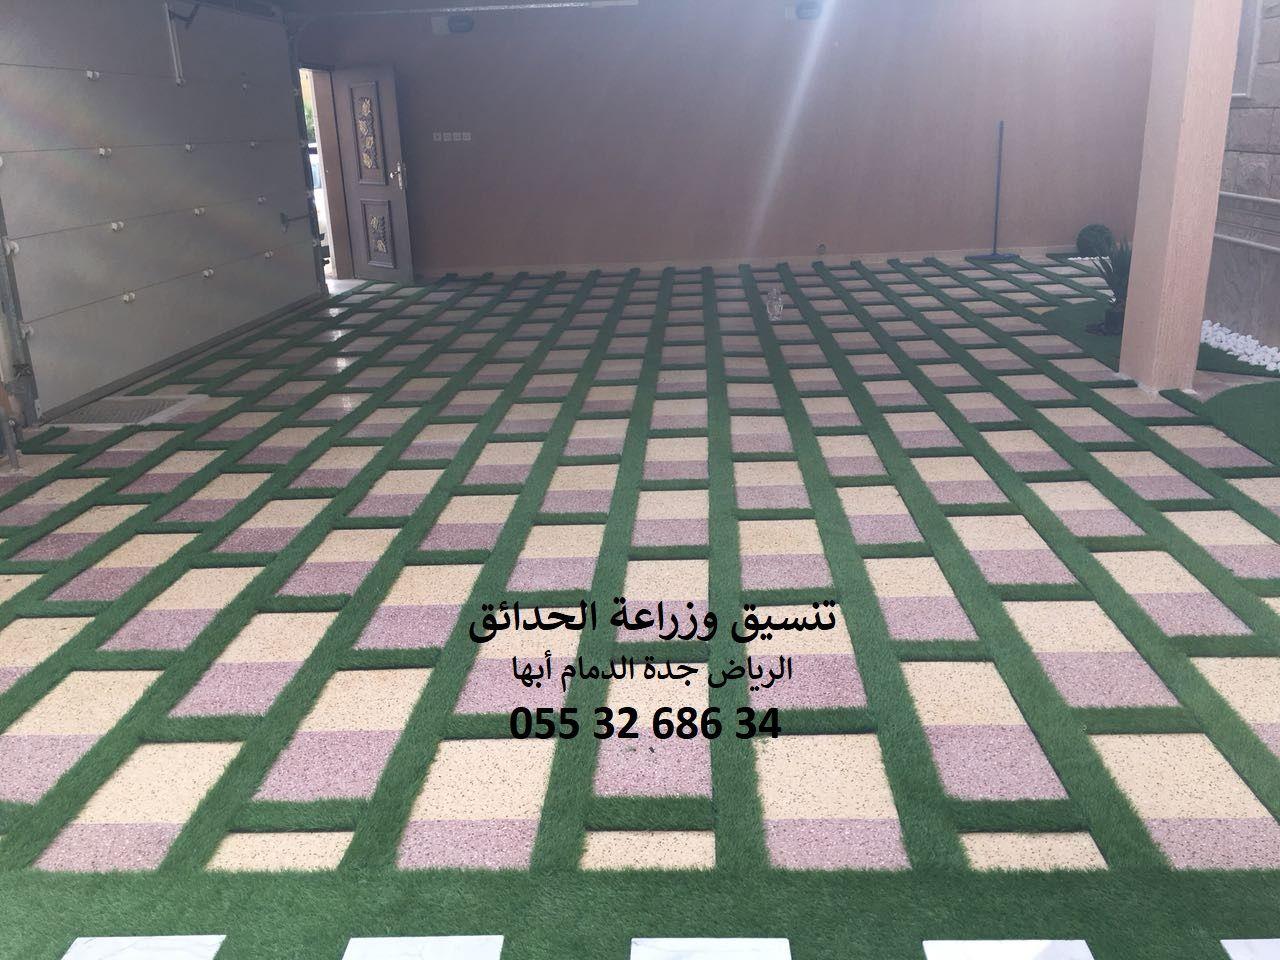 اسعار النجيلة اسعار النجيلة الصناعية اسعار النجيلة الصناعية الصينية اسعار النجيلة الطبيعية اسعار النجيله اسعار النجيله الصناعي Contemporary Rug Flooring Decor